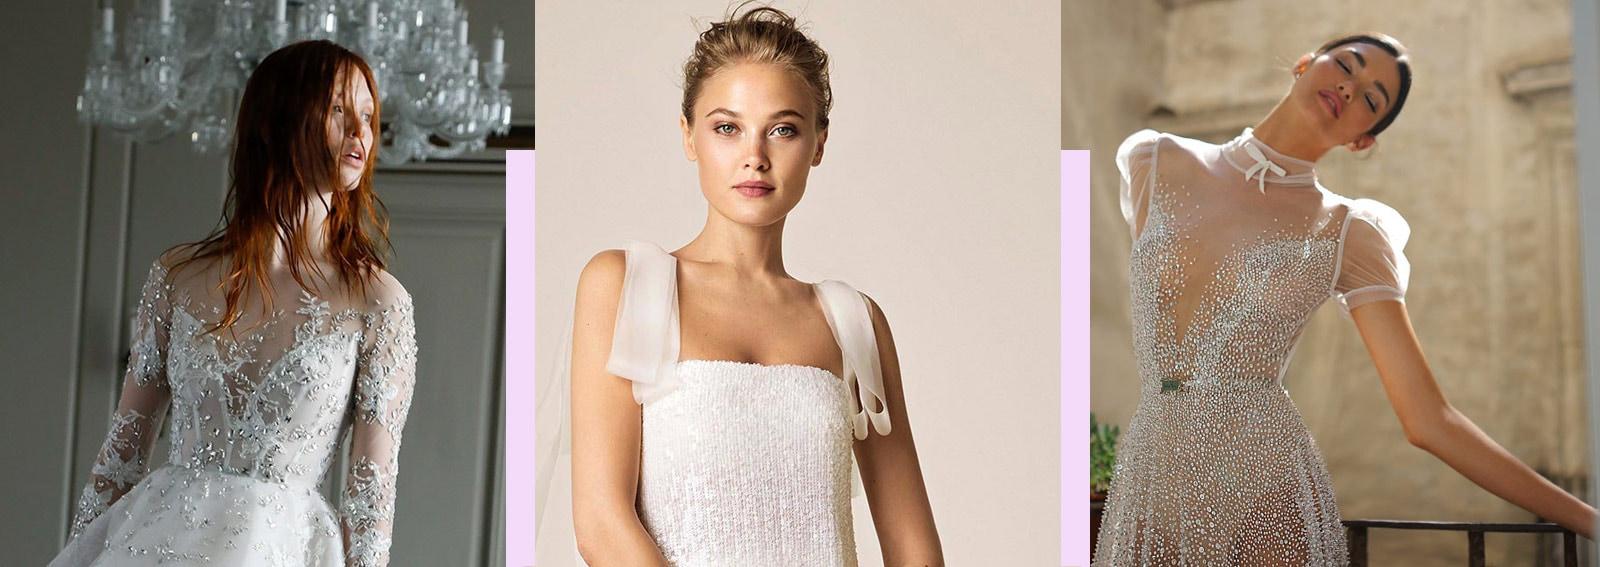 COVER-abiti-da-sposa-decorati-DESKTOP